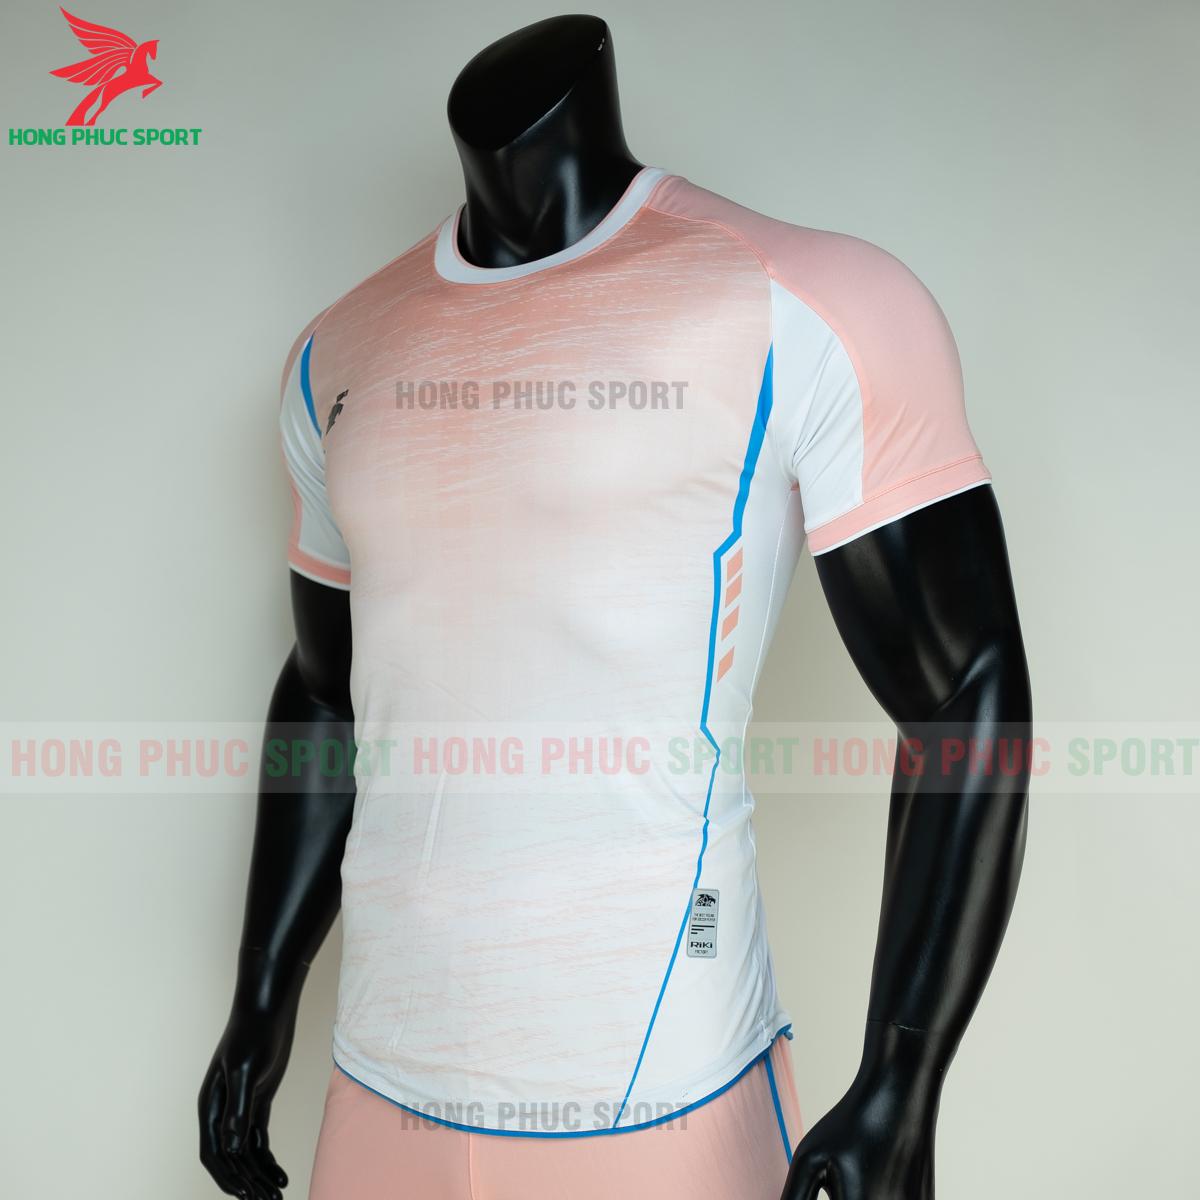 https://cdn.hongphucsport.com/unsafe/s4.shopbay.vn/files/285/ao-bong-da-khong-logo-riki-grambor-mau-hong-3-60506112e8b8e.png